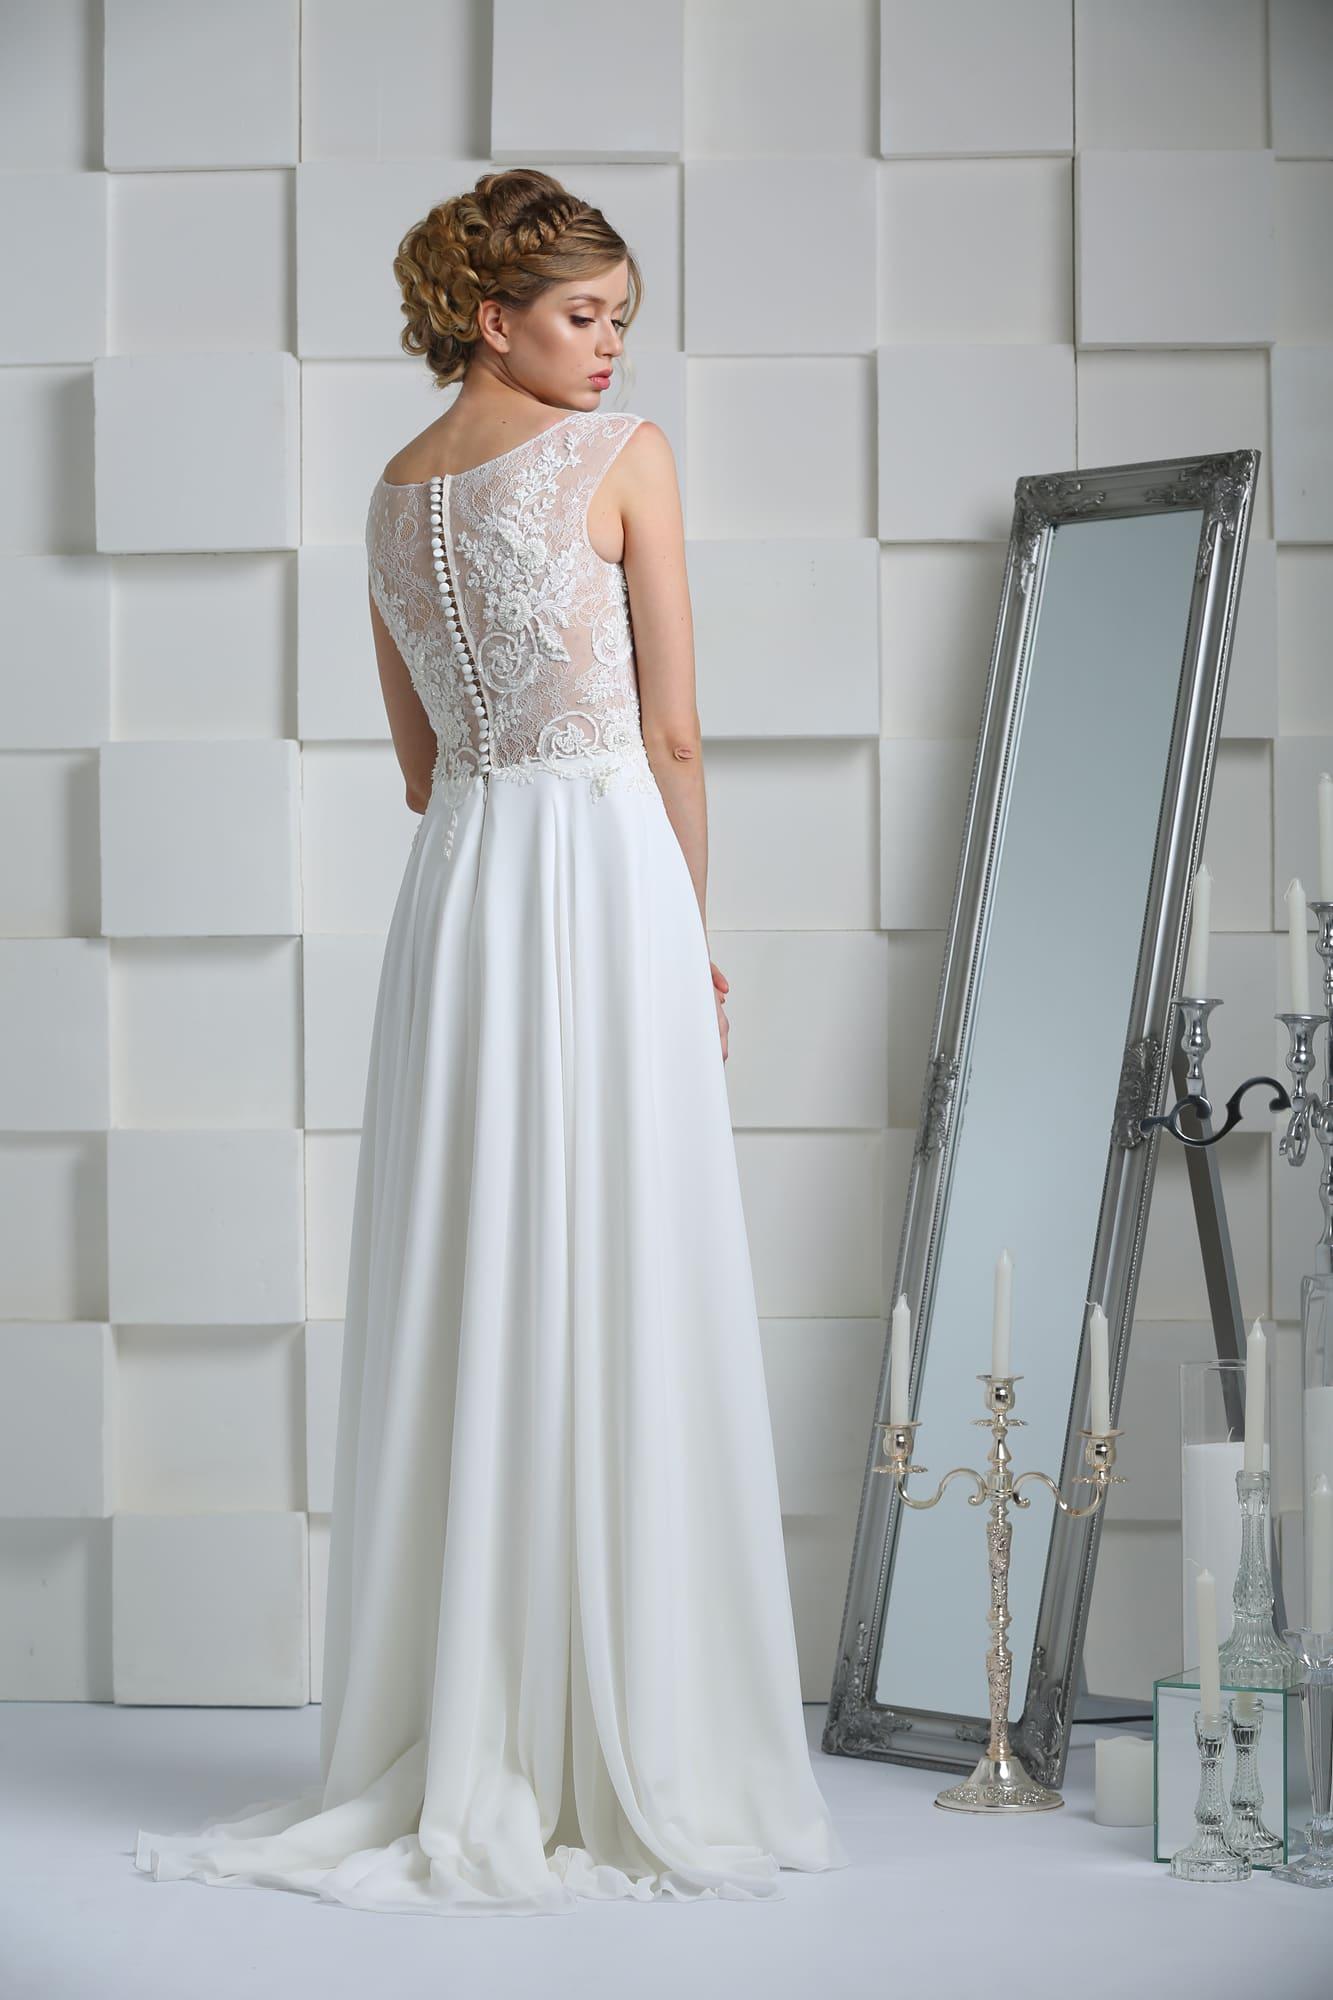 Прямое свадебное платье с романтичным верхом из полупрозрачной ткани.